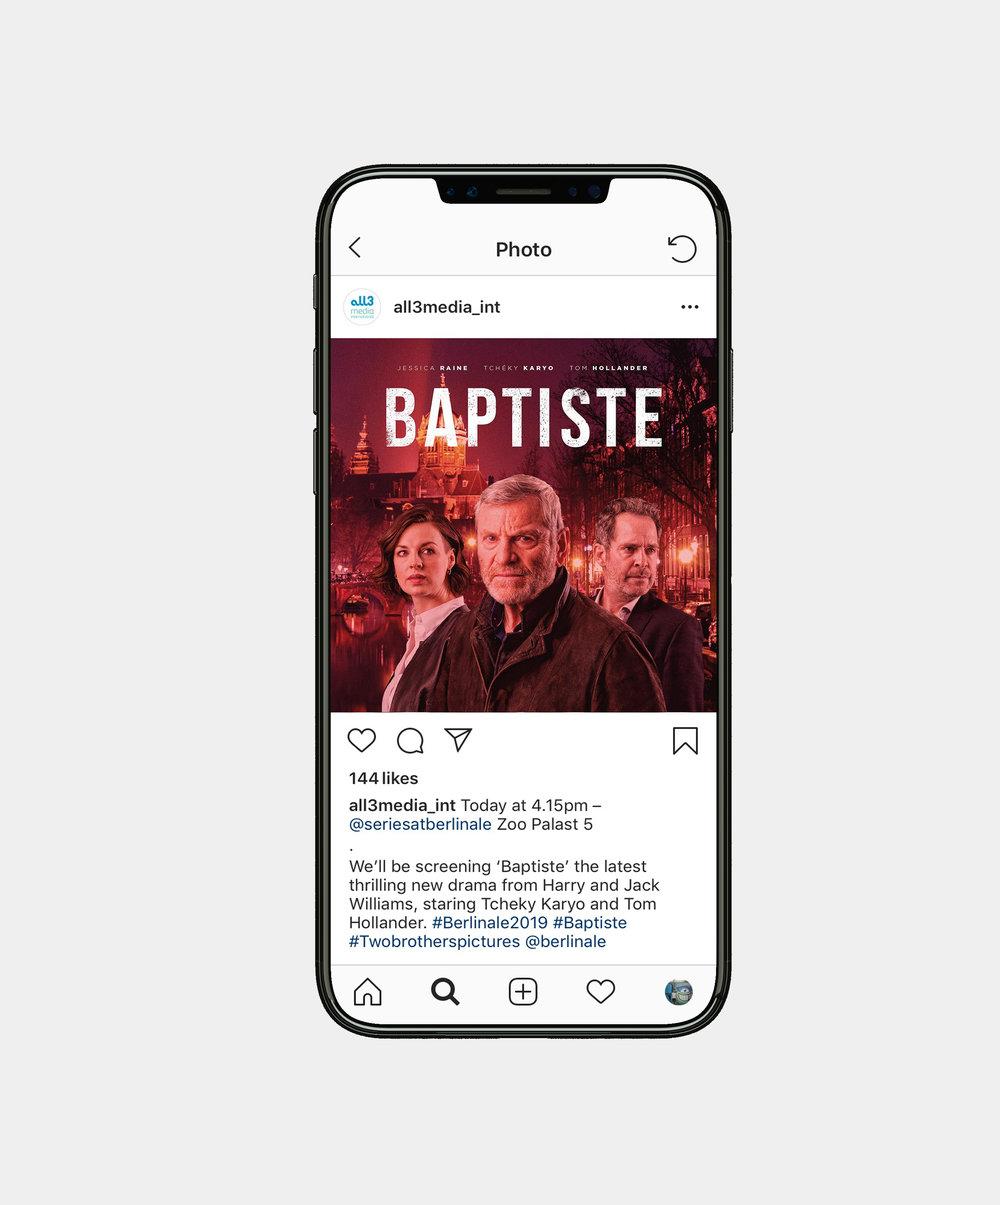 BAPTISTE IPHONE.jpg